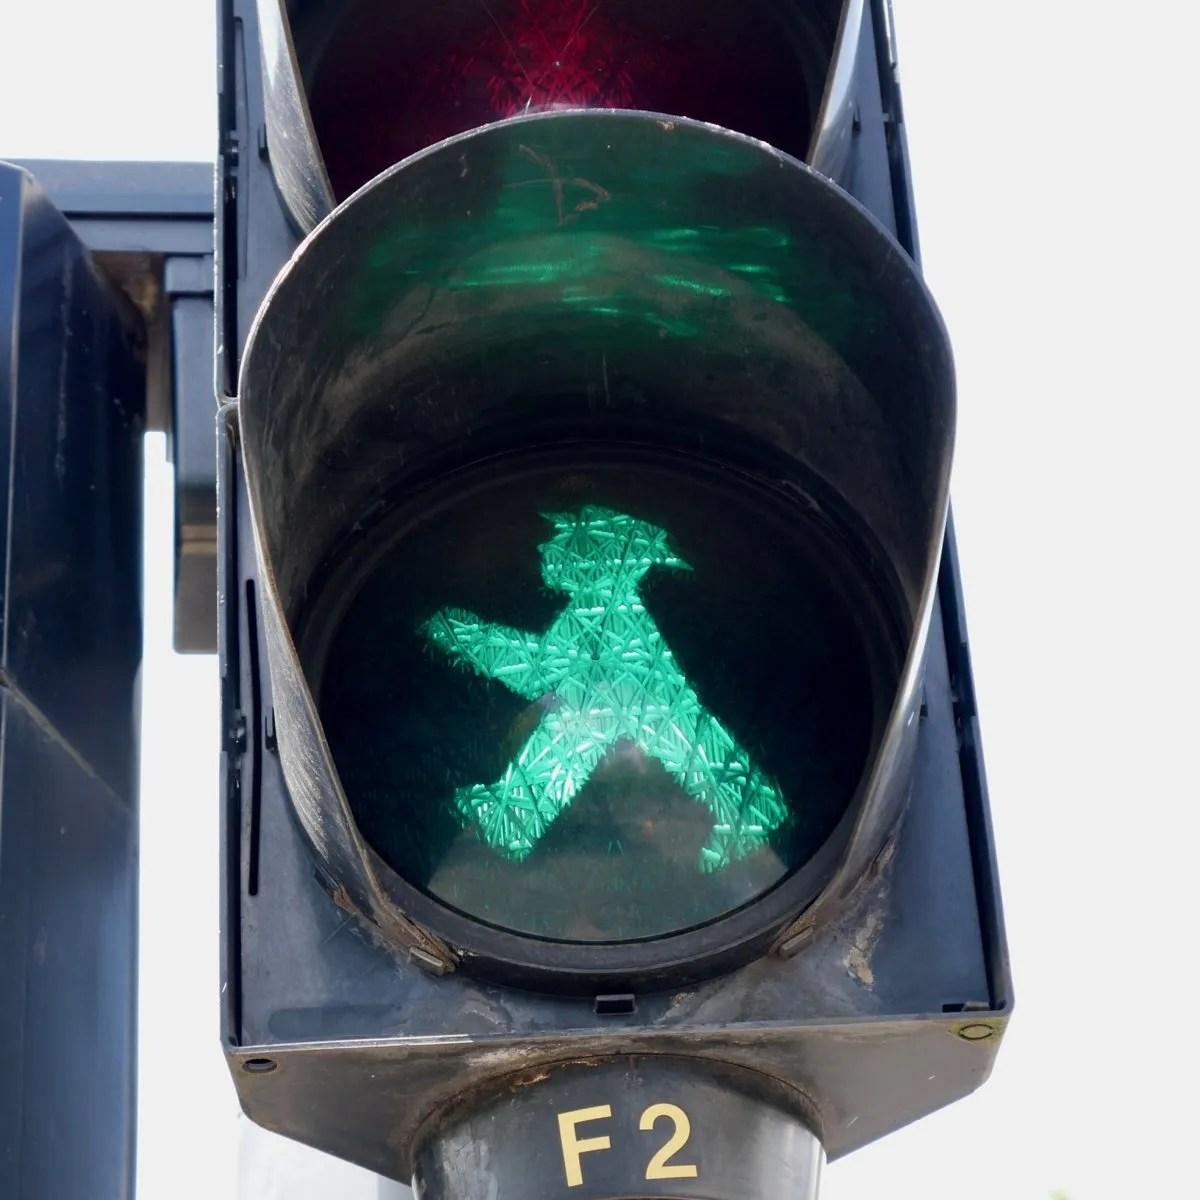 Green Ampelmannchen Berlin